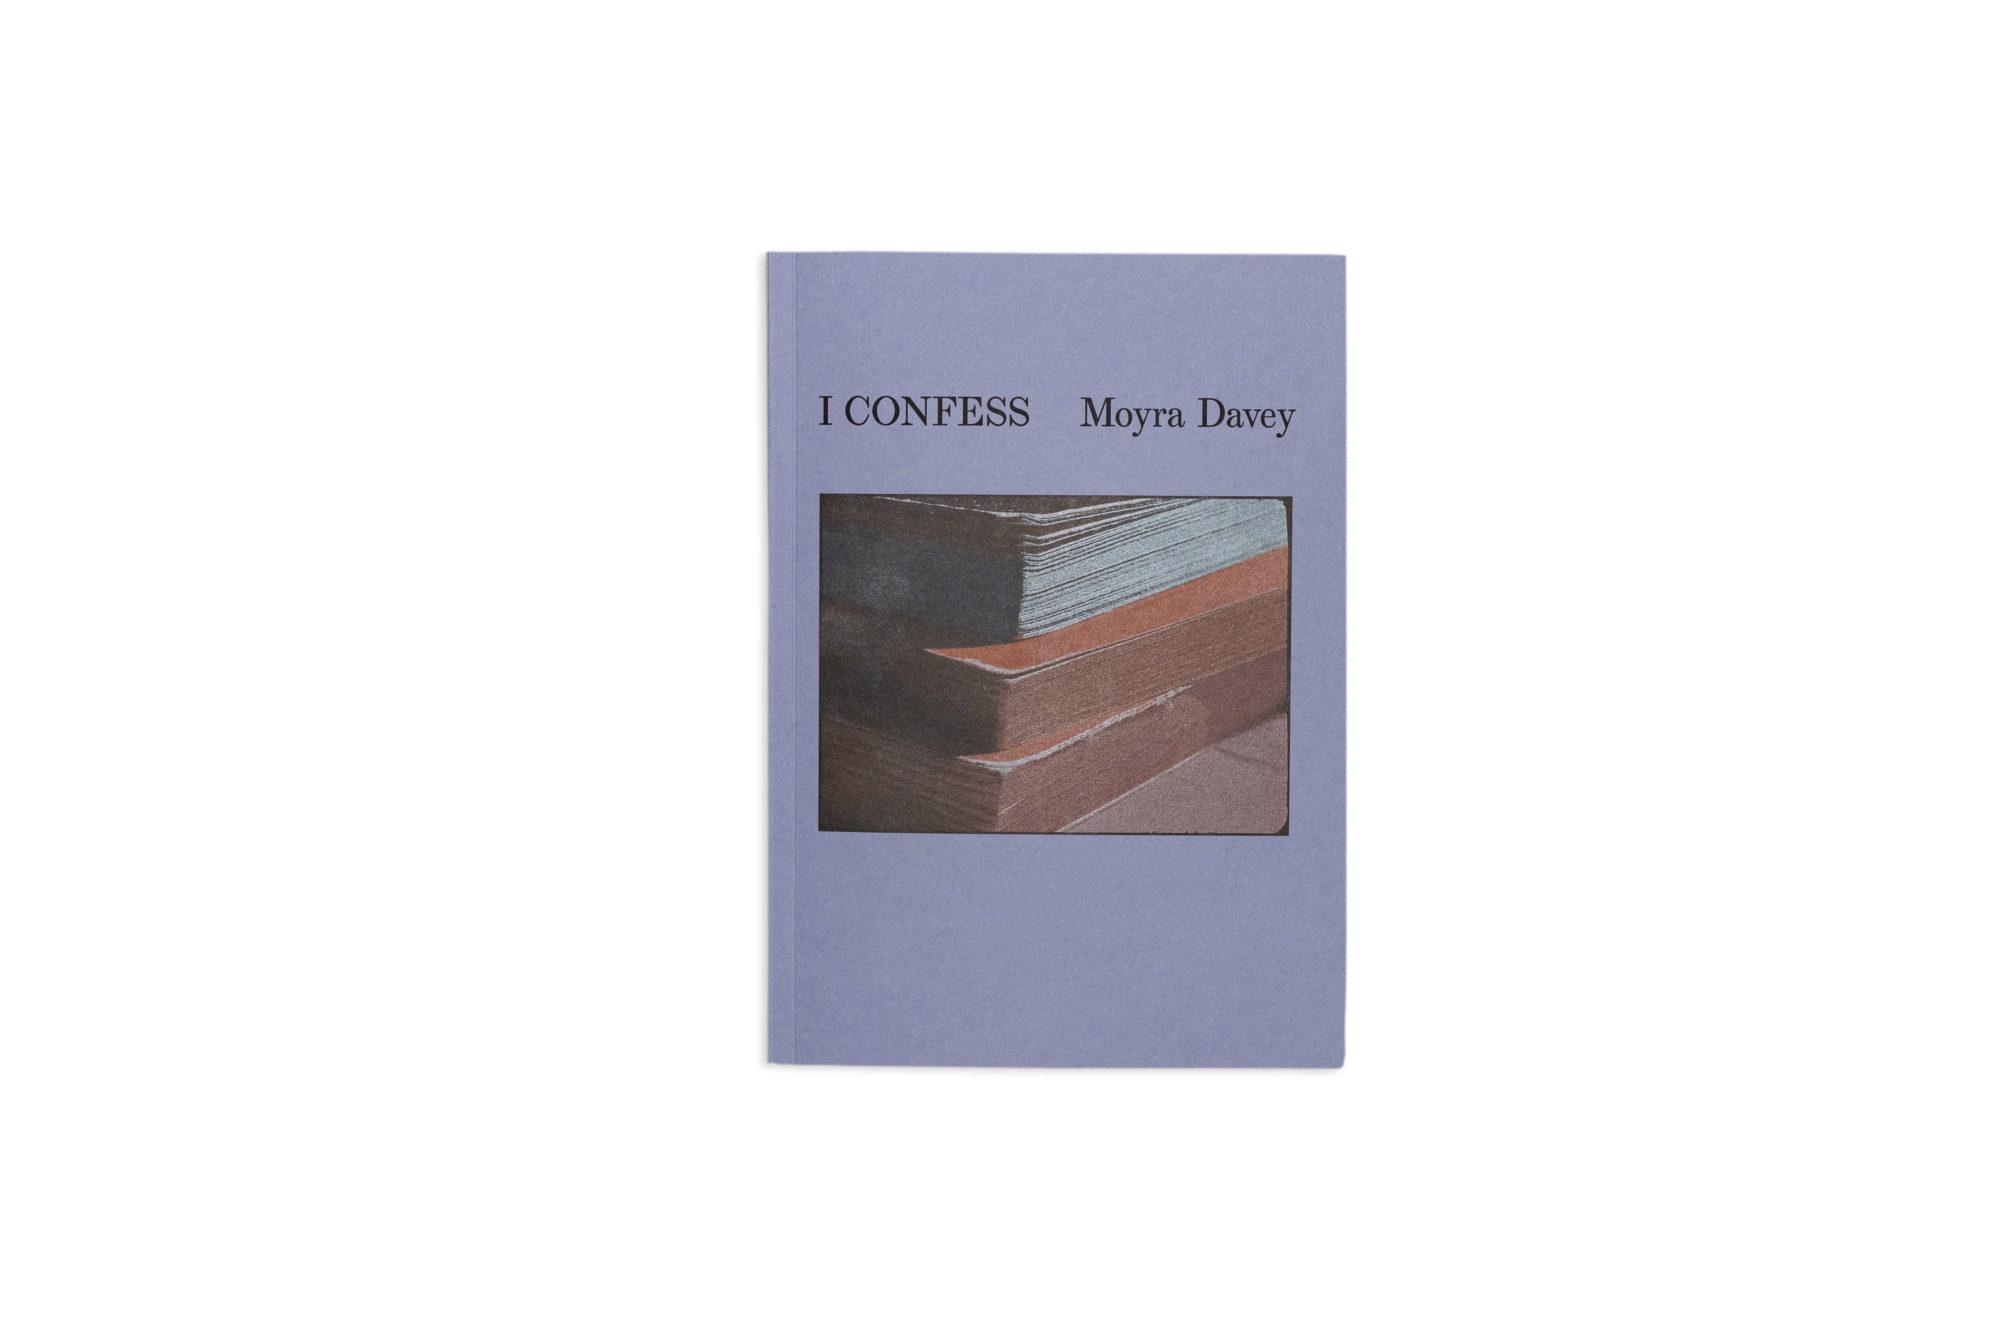 Moryra Davey i confess